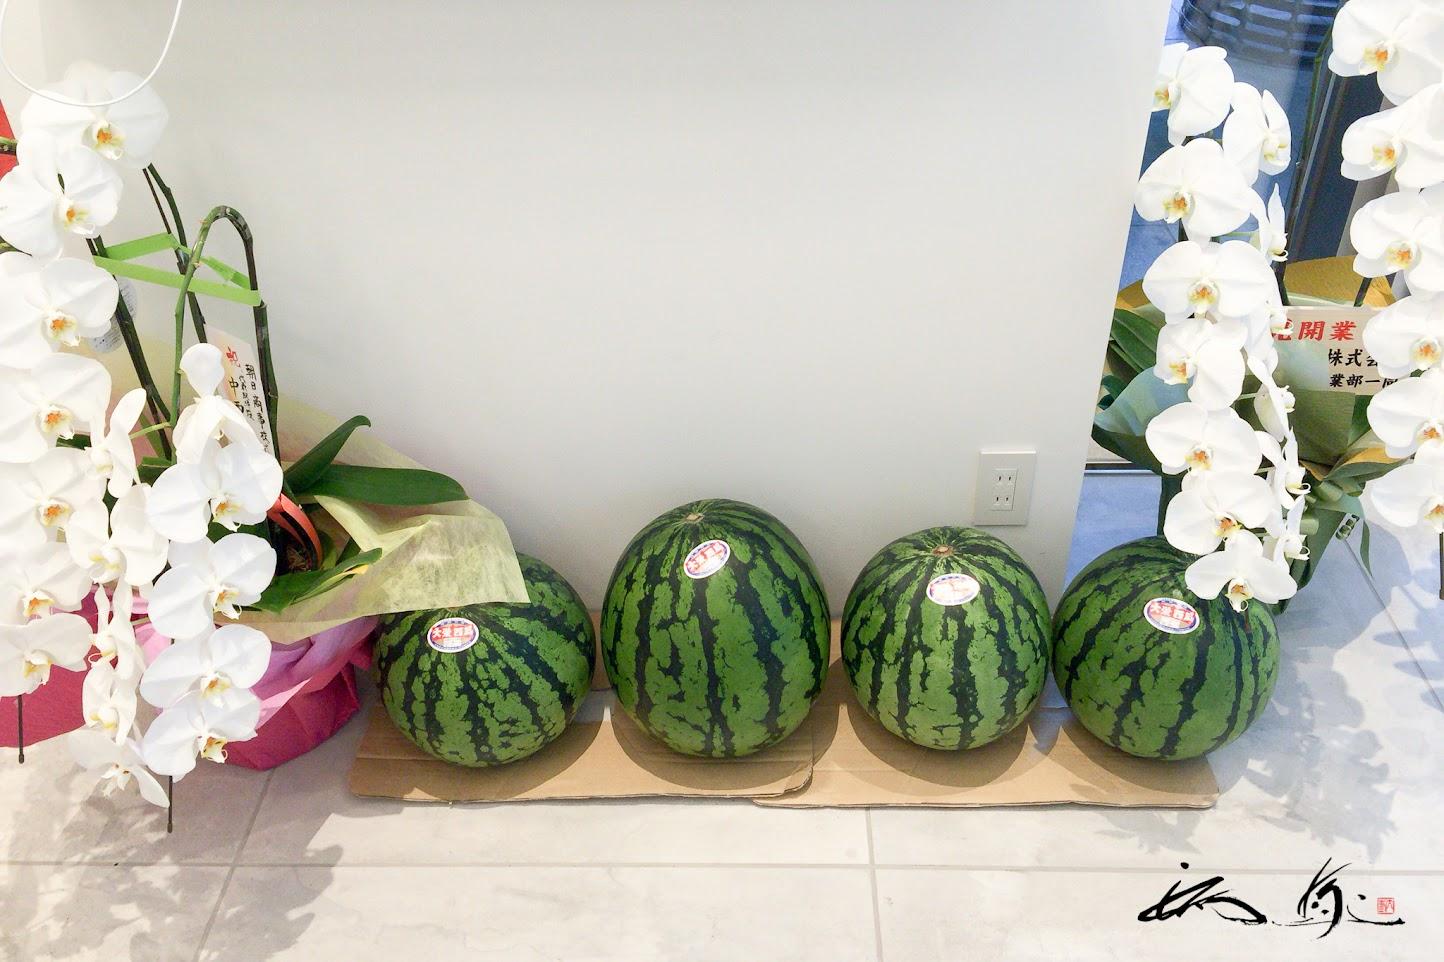 鳥取県産の大栄スイカ